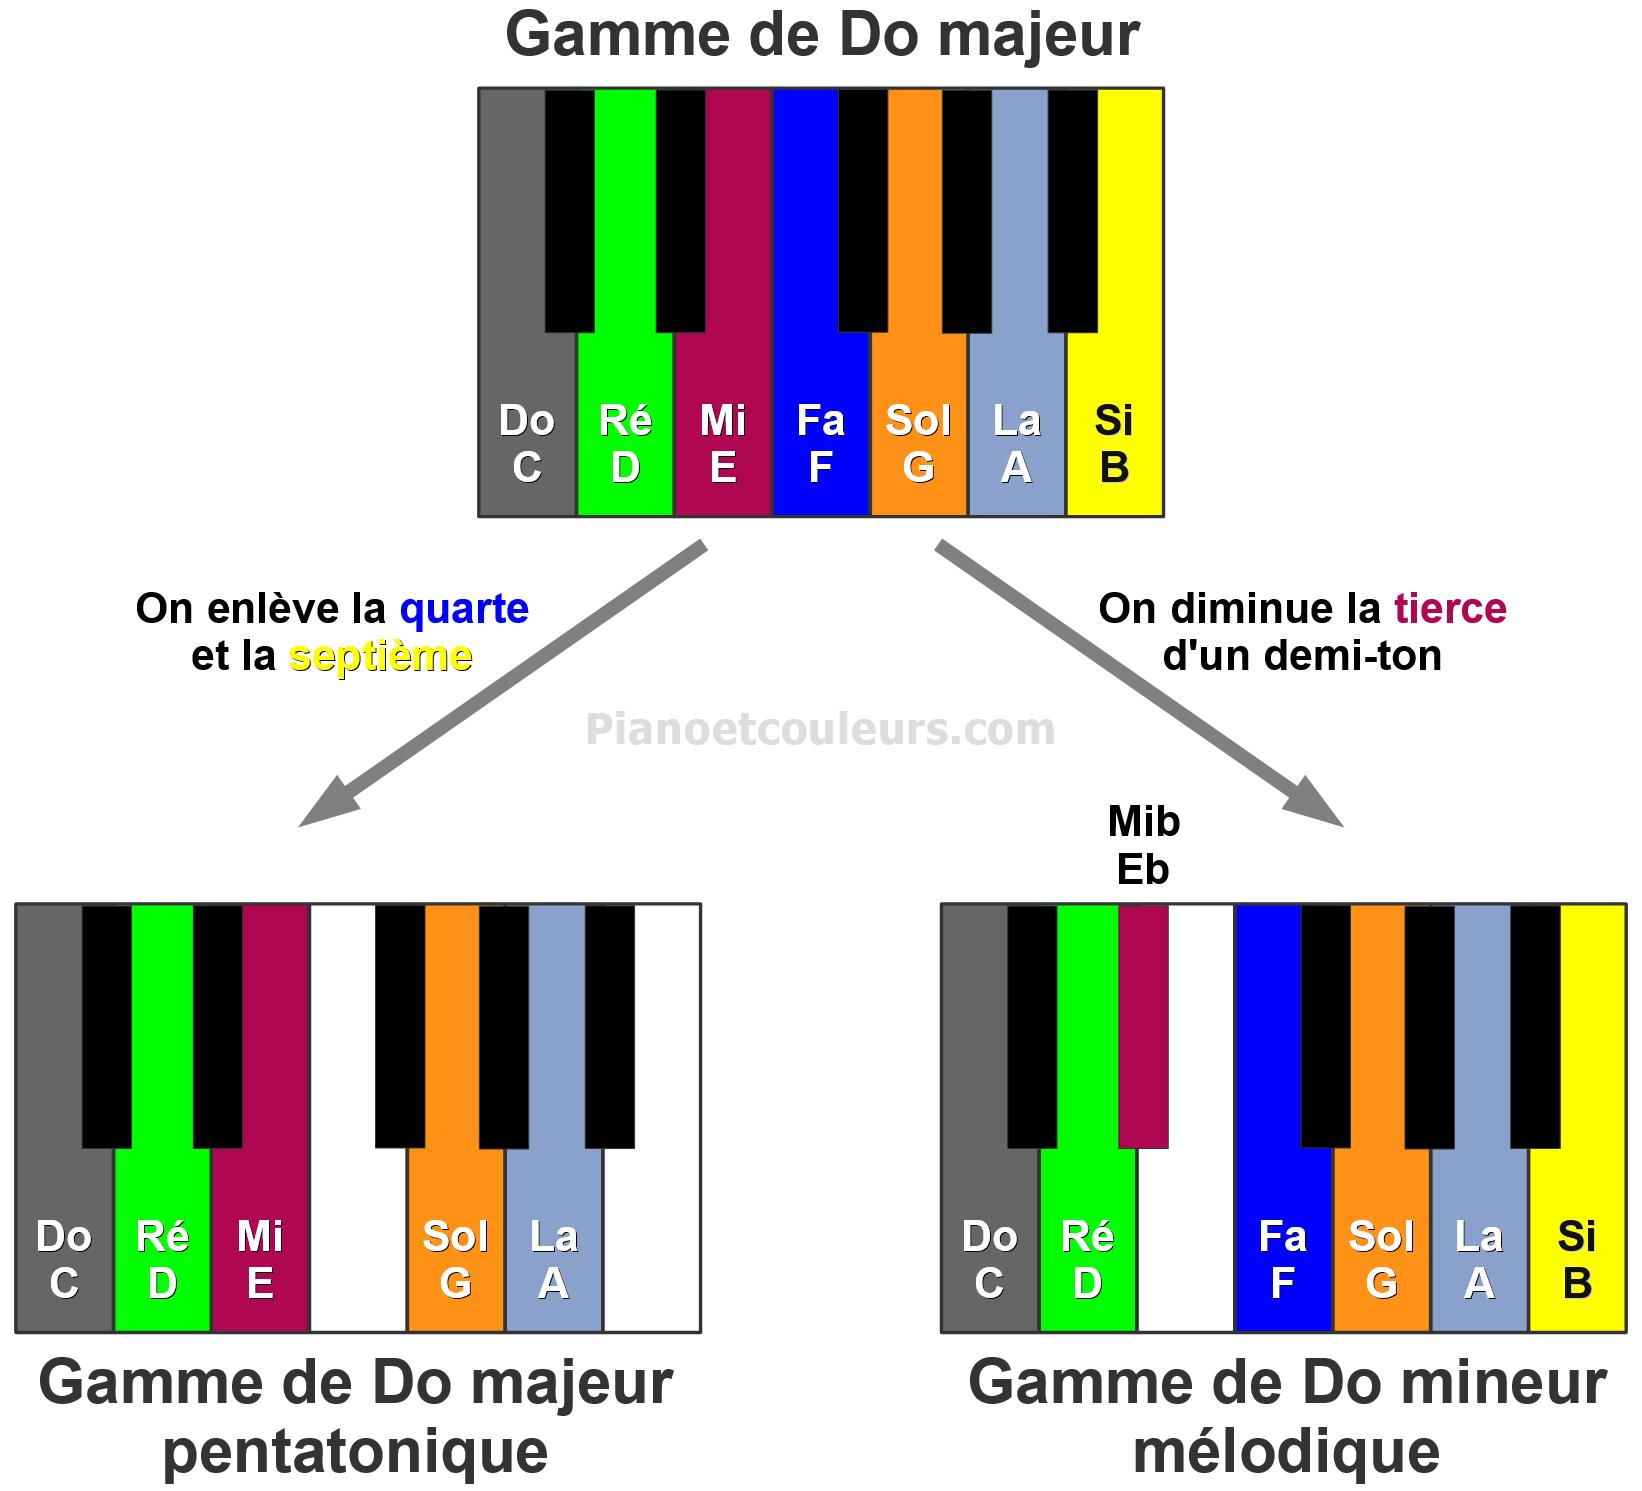 Exemples de modification d'une gamme en modifiant ses intervalles